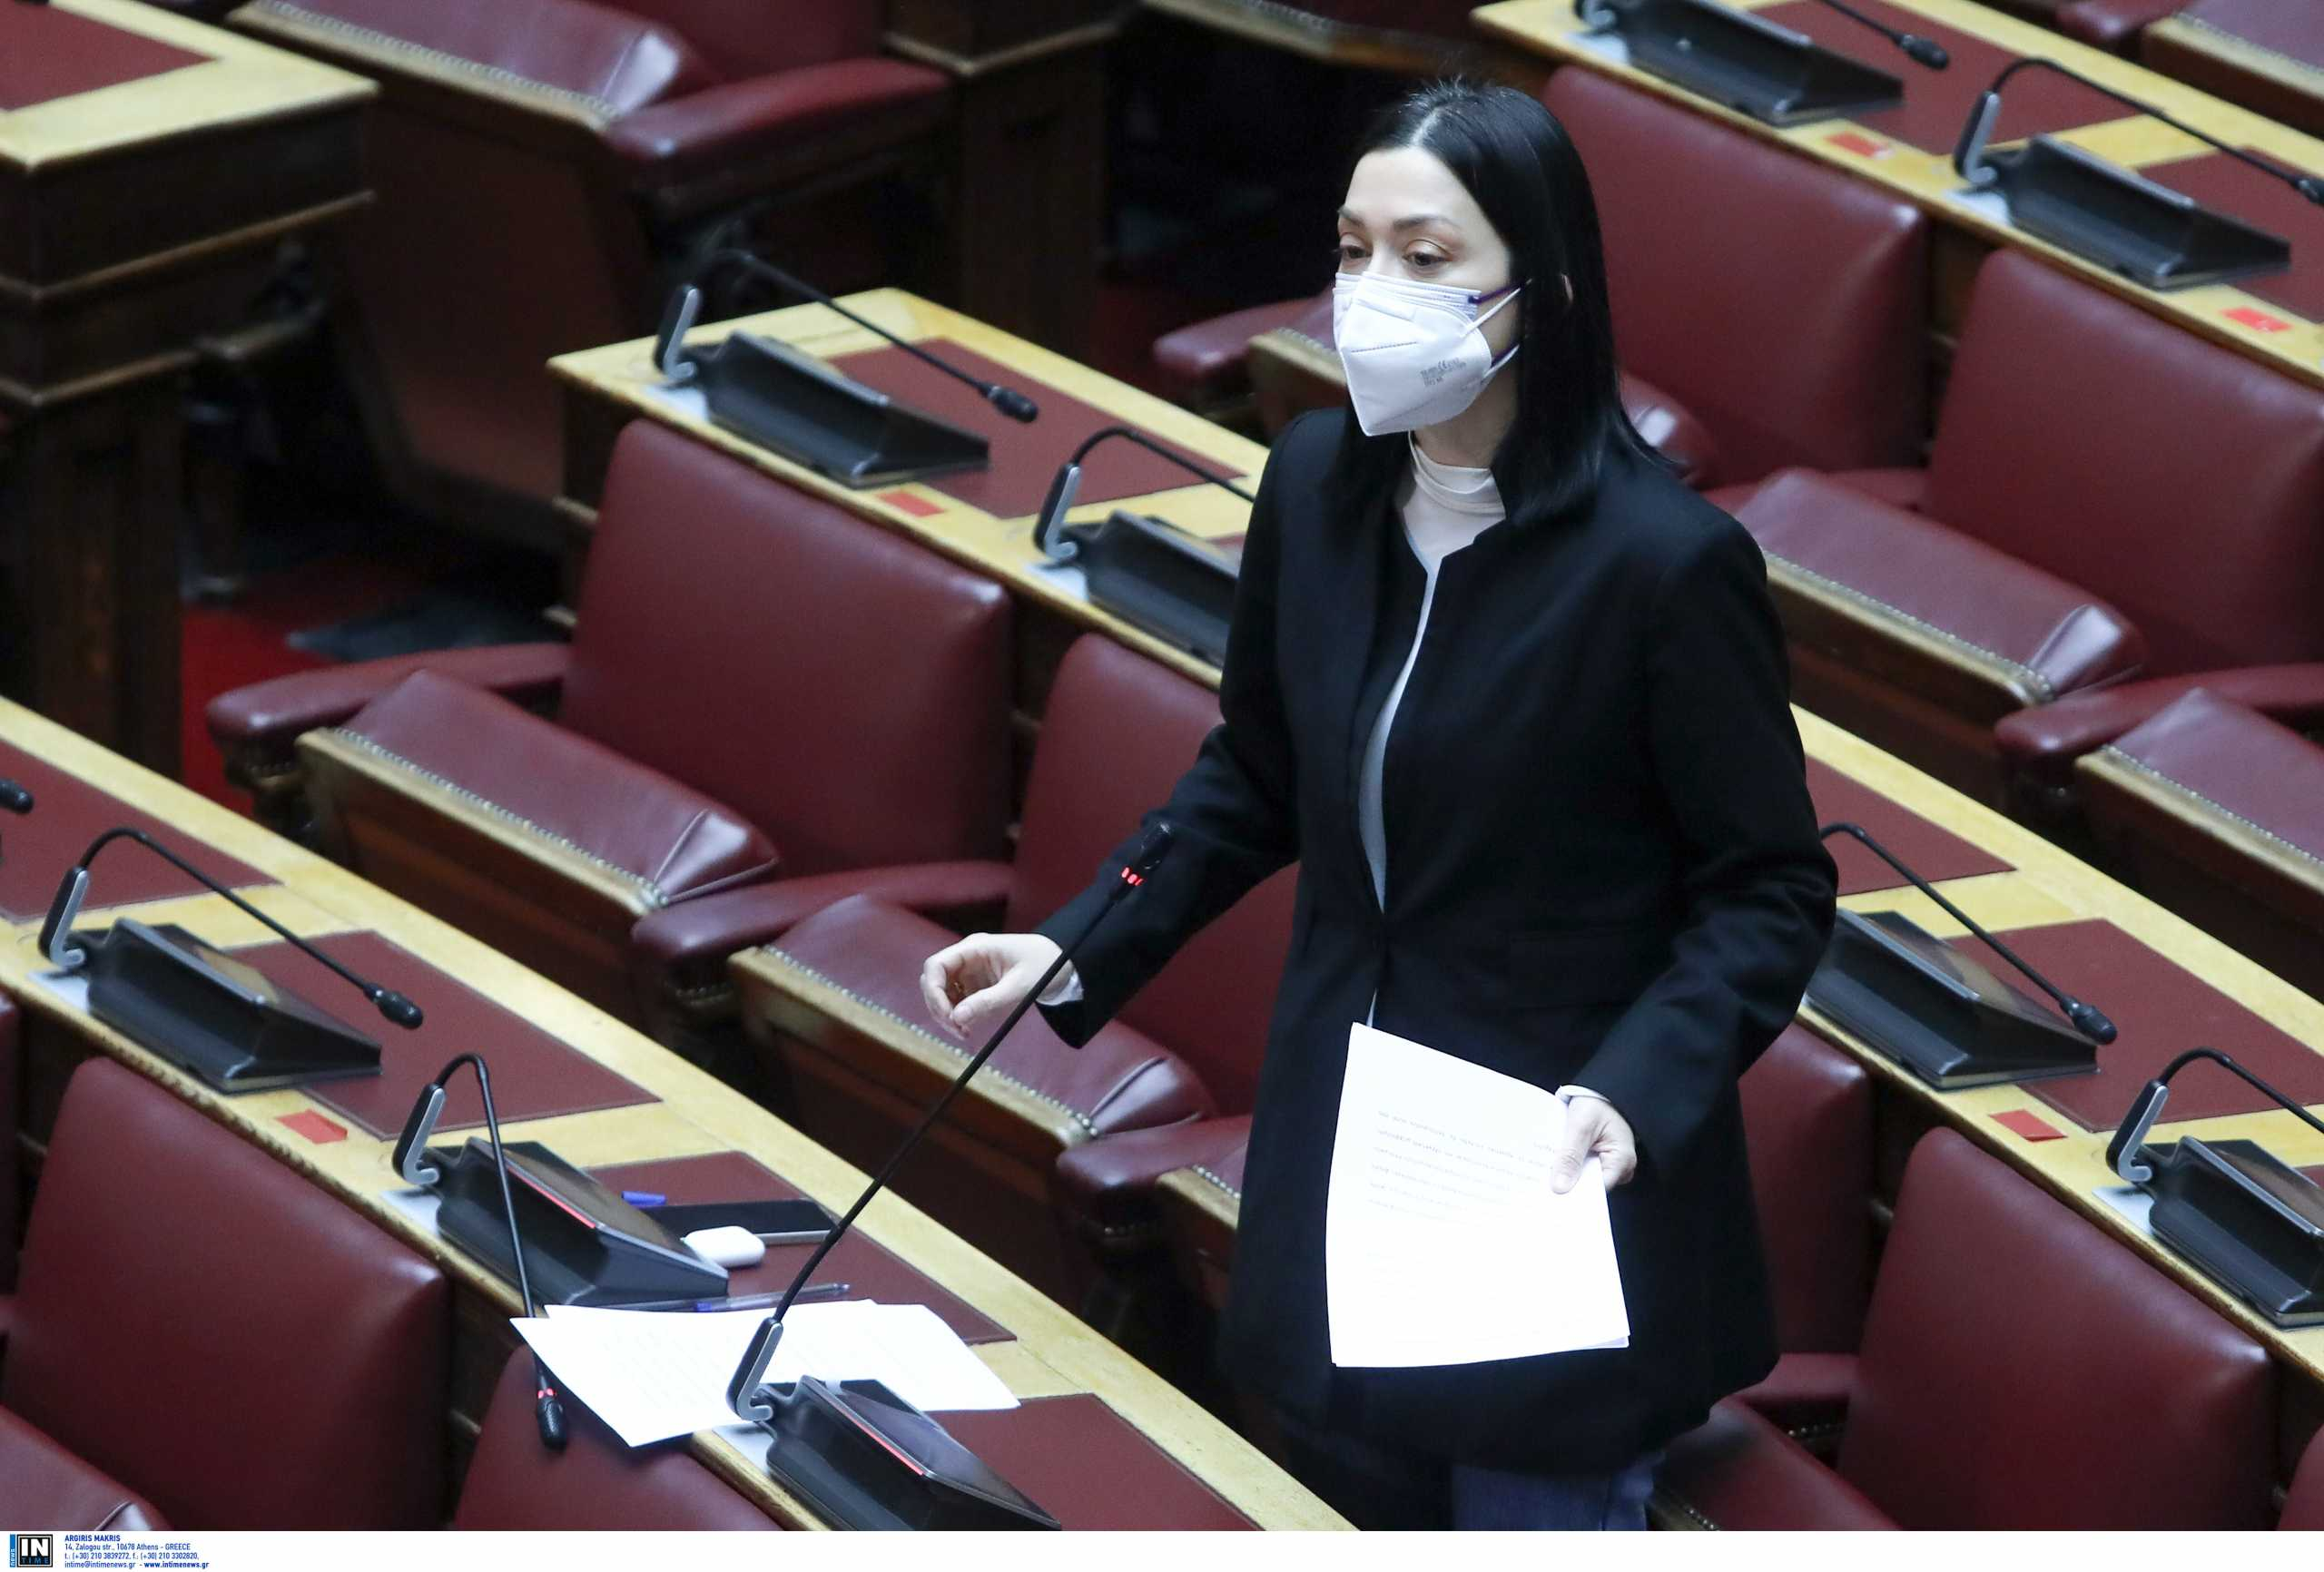 Νάντια Γιαννακοπούλου: Συνεργάτης της έχει συμπτώματα κορονοϊού